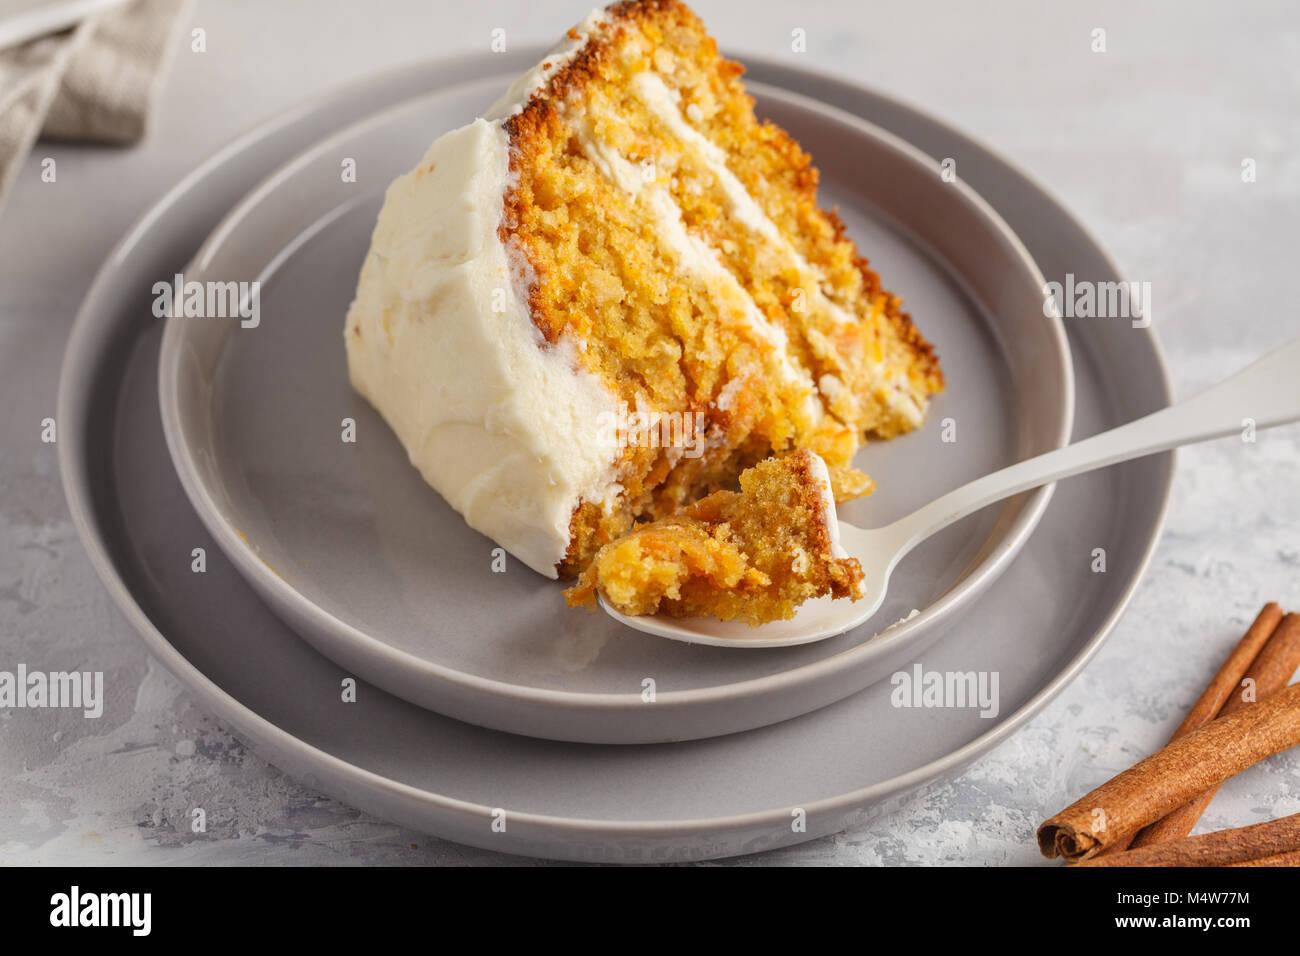 Pezzo di carota torte fatte in casa con la crema bianca su sfondo grigio. Festosa concetto dessert. Immagini Stock